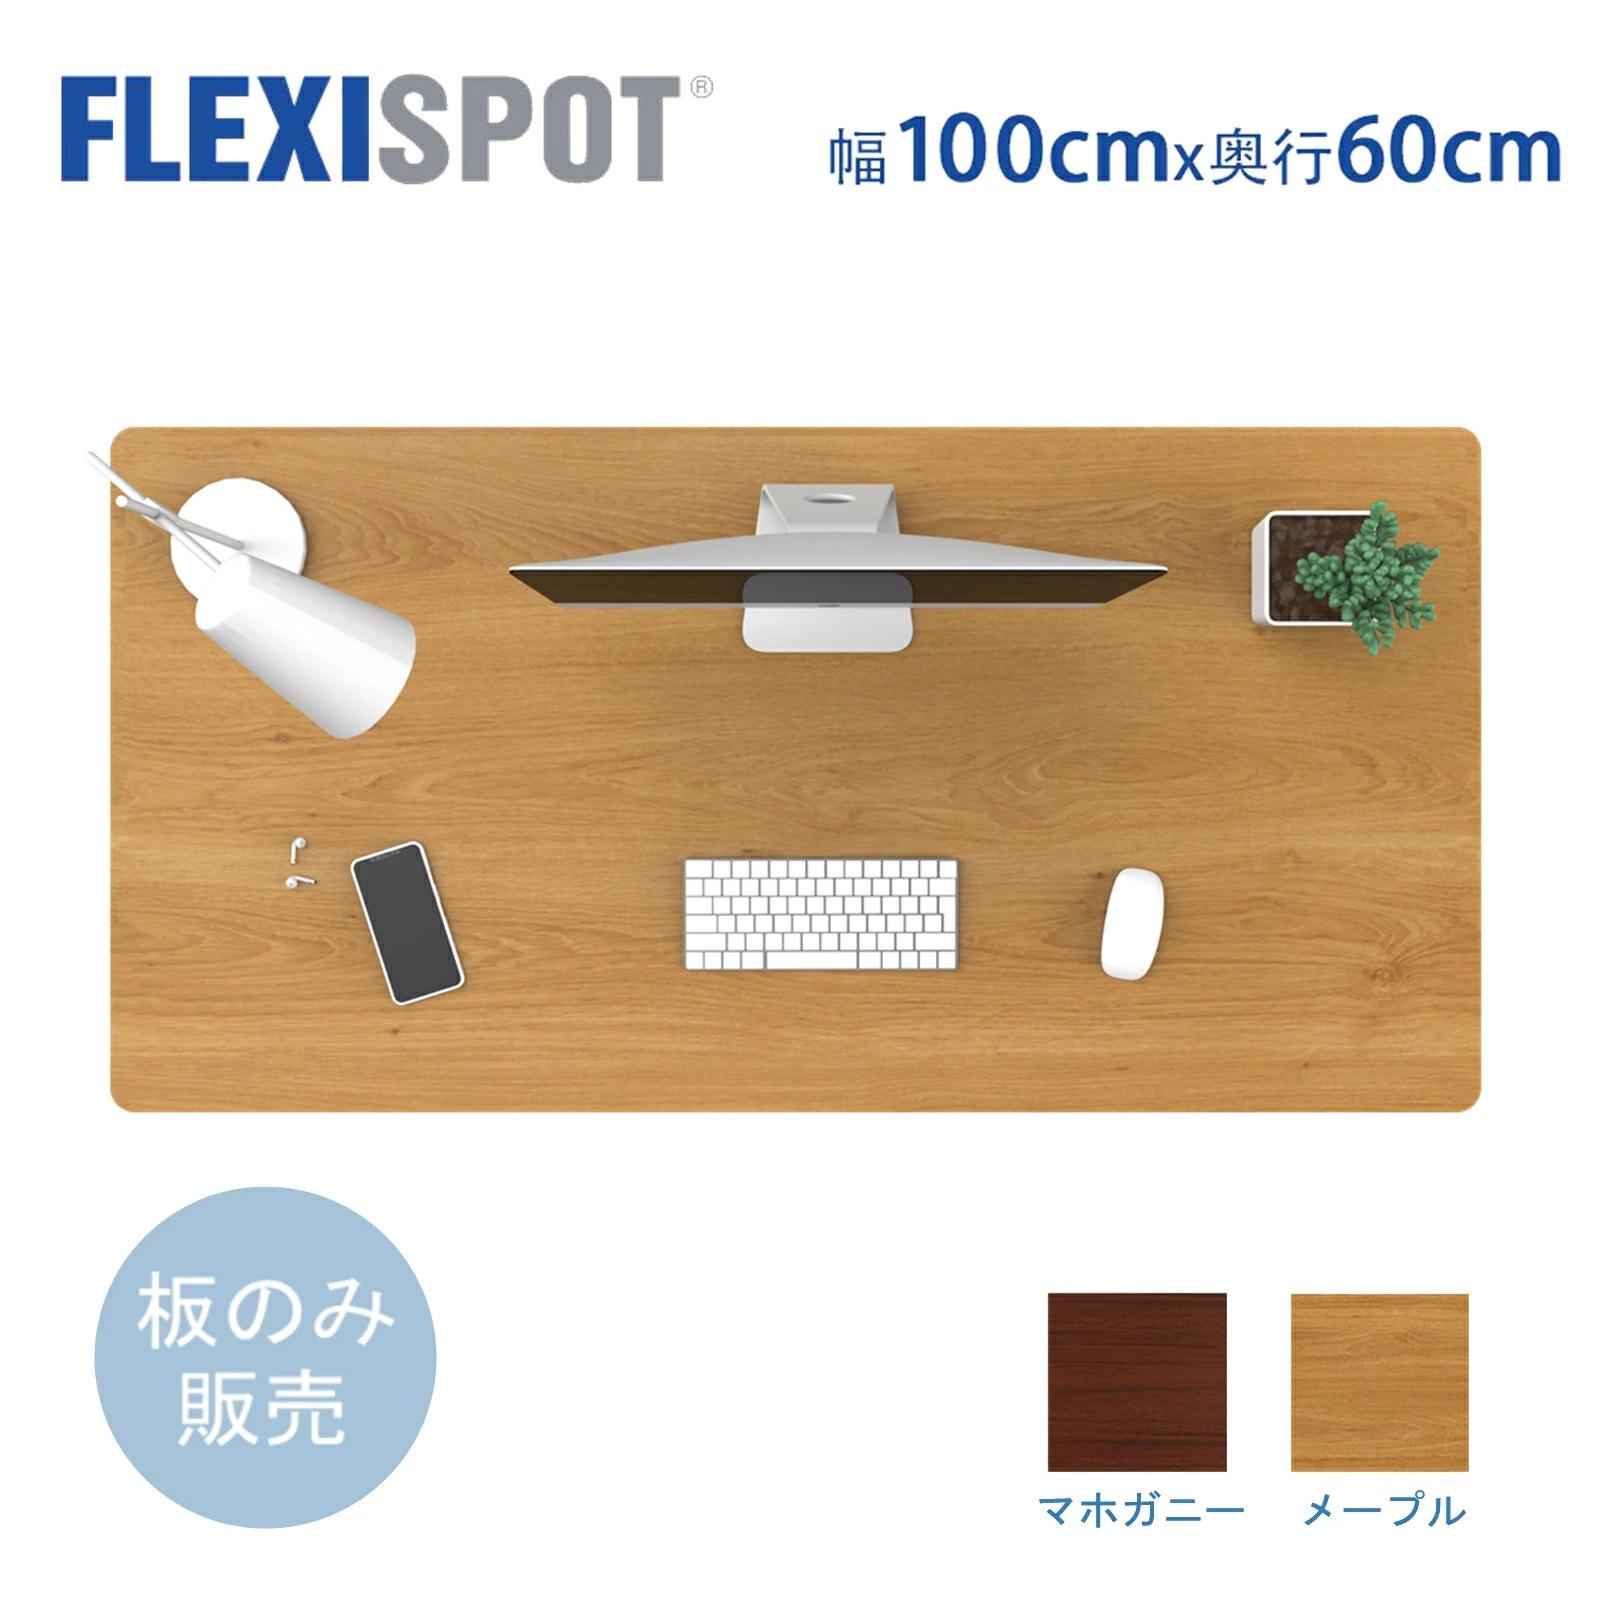 テーブルパソコンデスクDIY天板100 60cm 天板 スタンディングデスク用 パソコンデスク用 Flexispot テーブル フレキシスポット DIY天板 EG1 最新号掲載アイテム 木目 H1シリーズ対応のみ 電動昇降デスク用 幅100 奥行60 EF1 買取 天板のみ